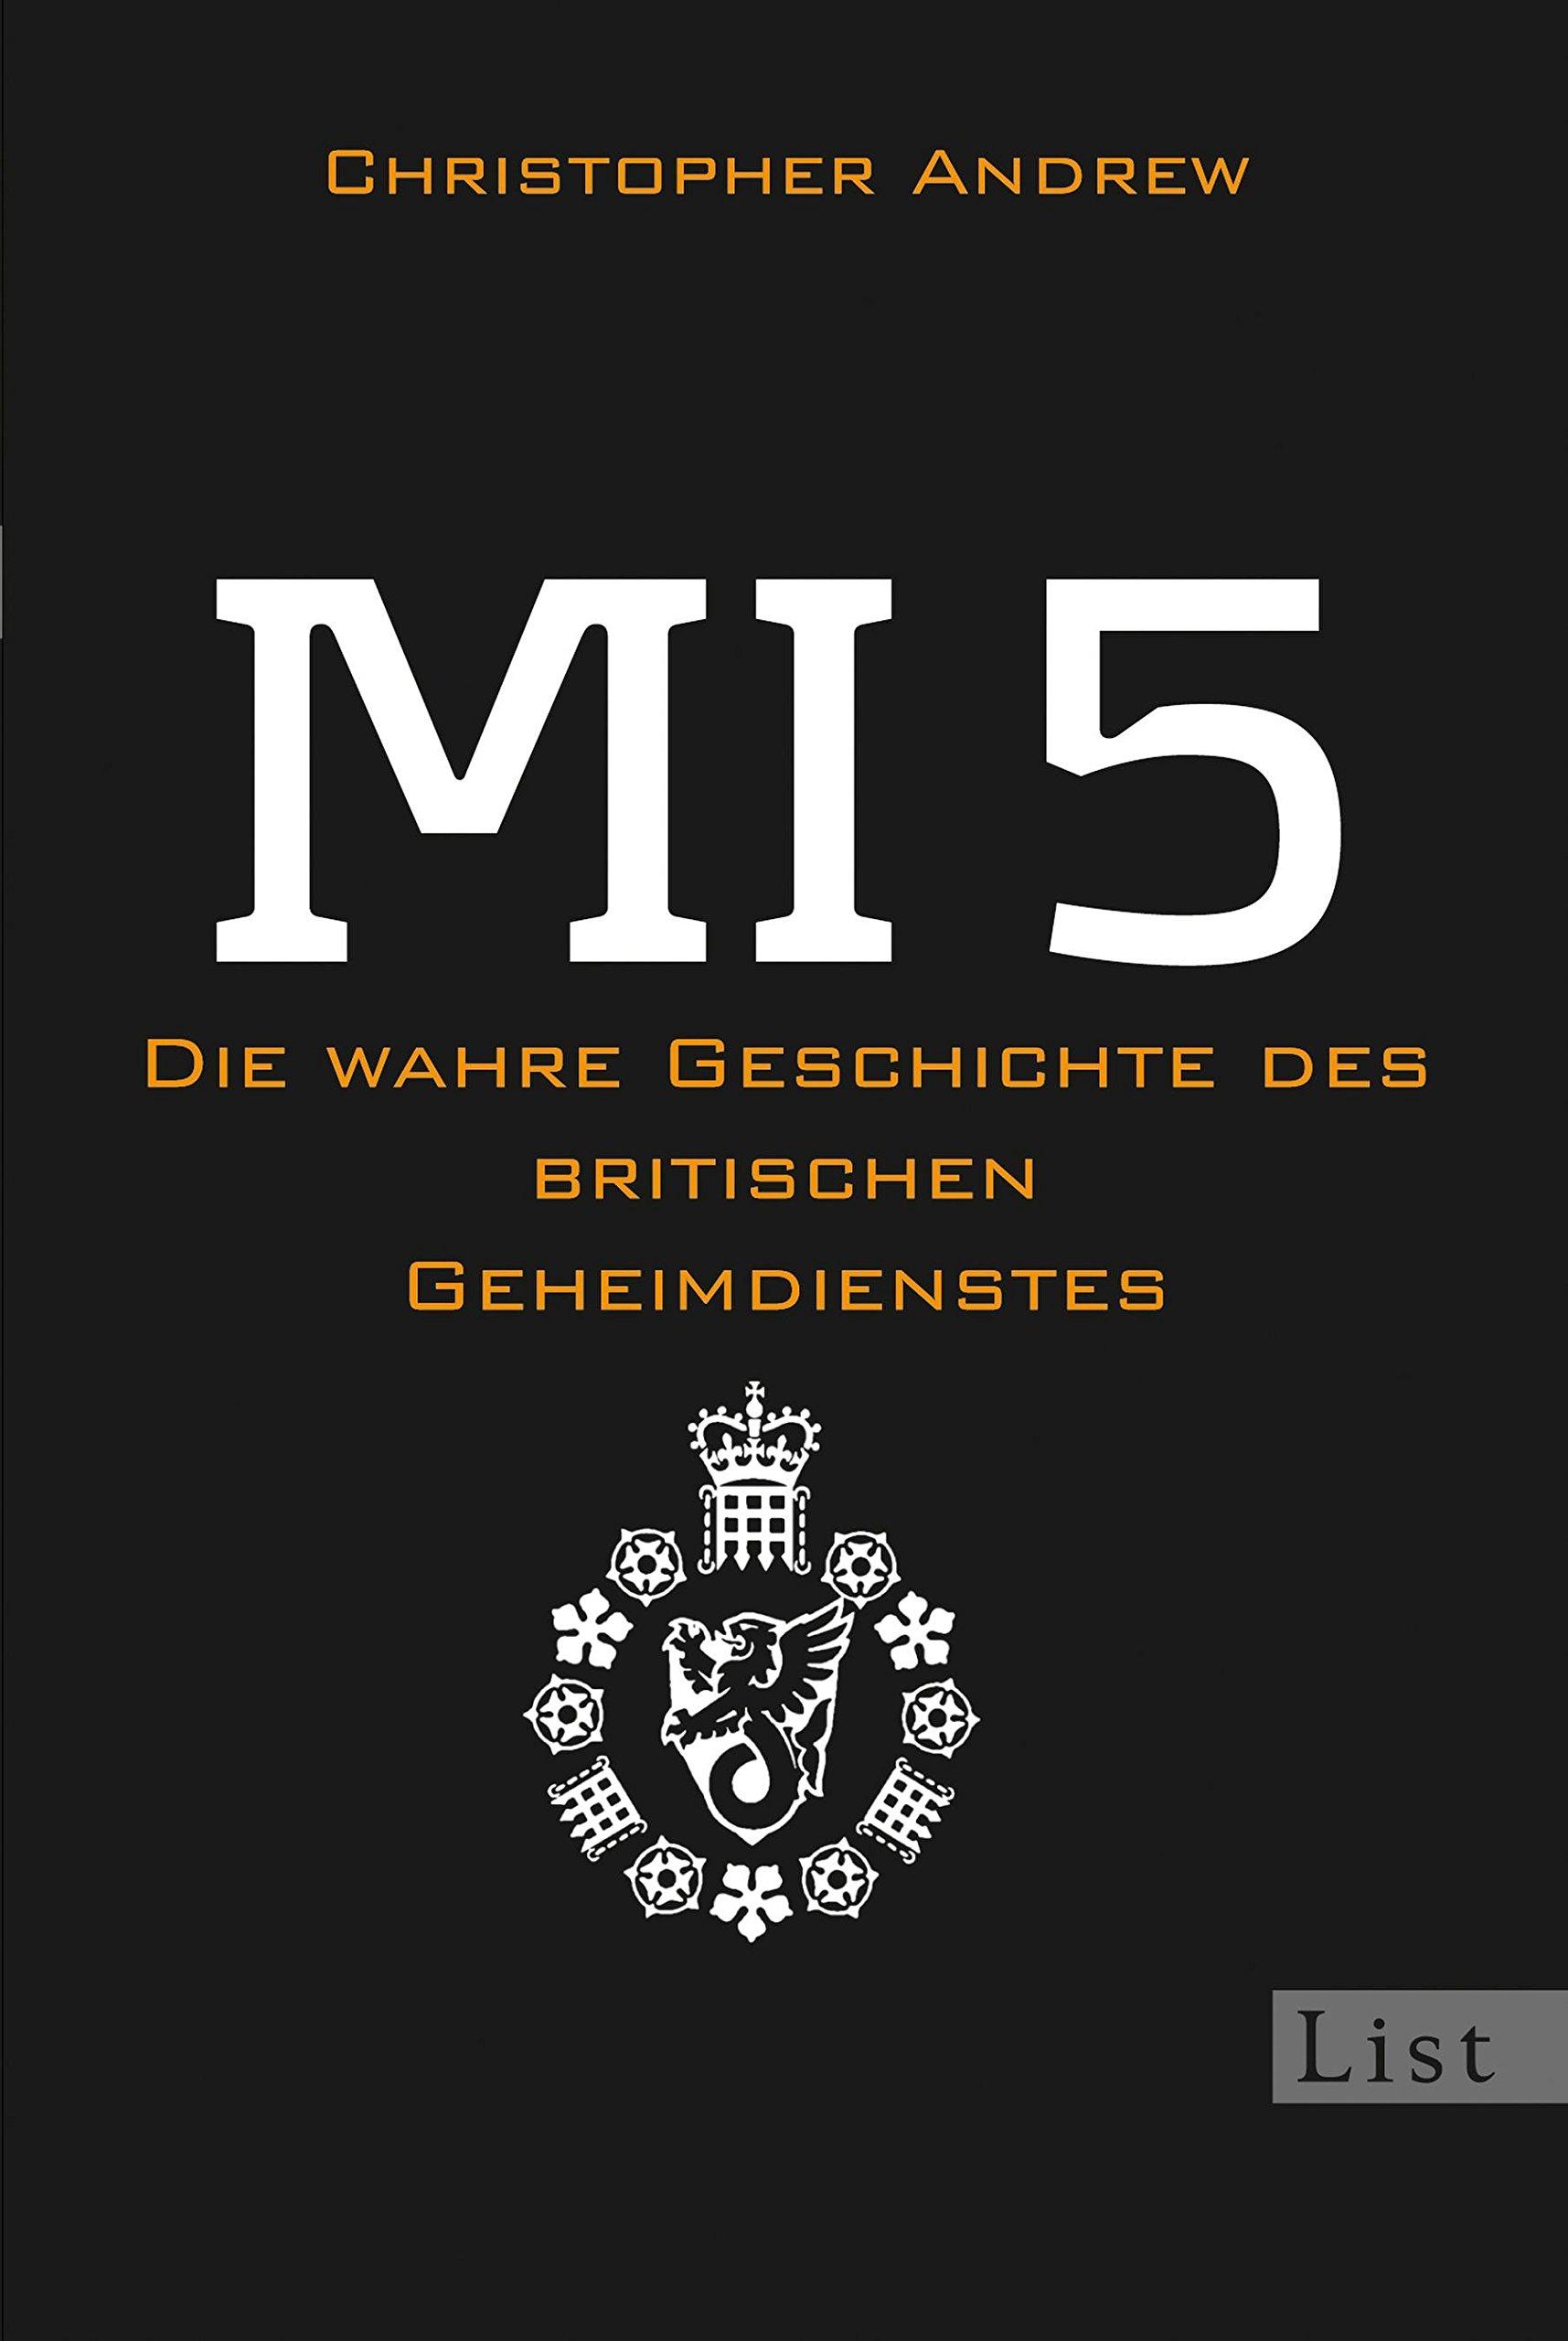 MI 5: Die wahre Geschichte des britischen Geheimdienstes Taschenbuch – 12. August 2011 Christopher Andrew Enrico Heinemann Norbert Juraschitz Stephan Gebauer